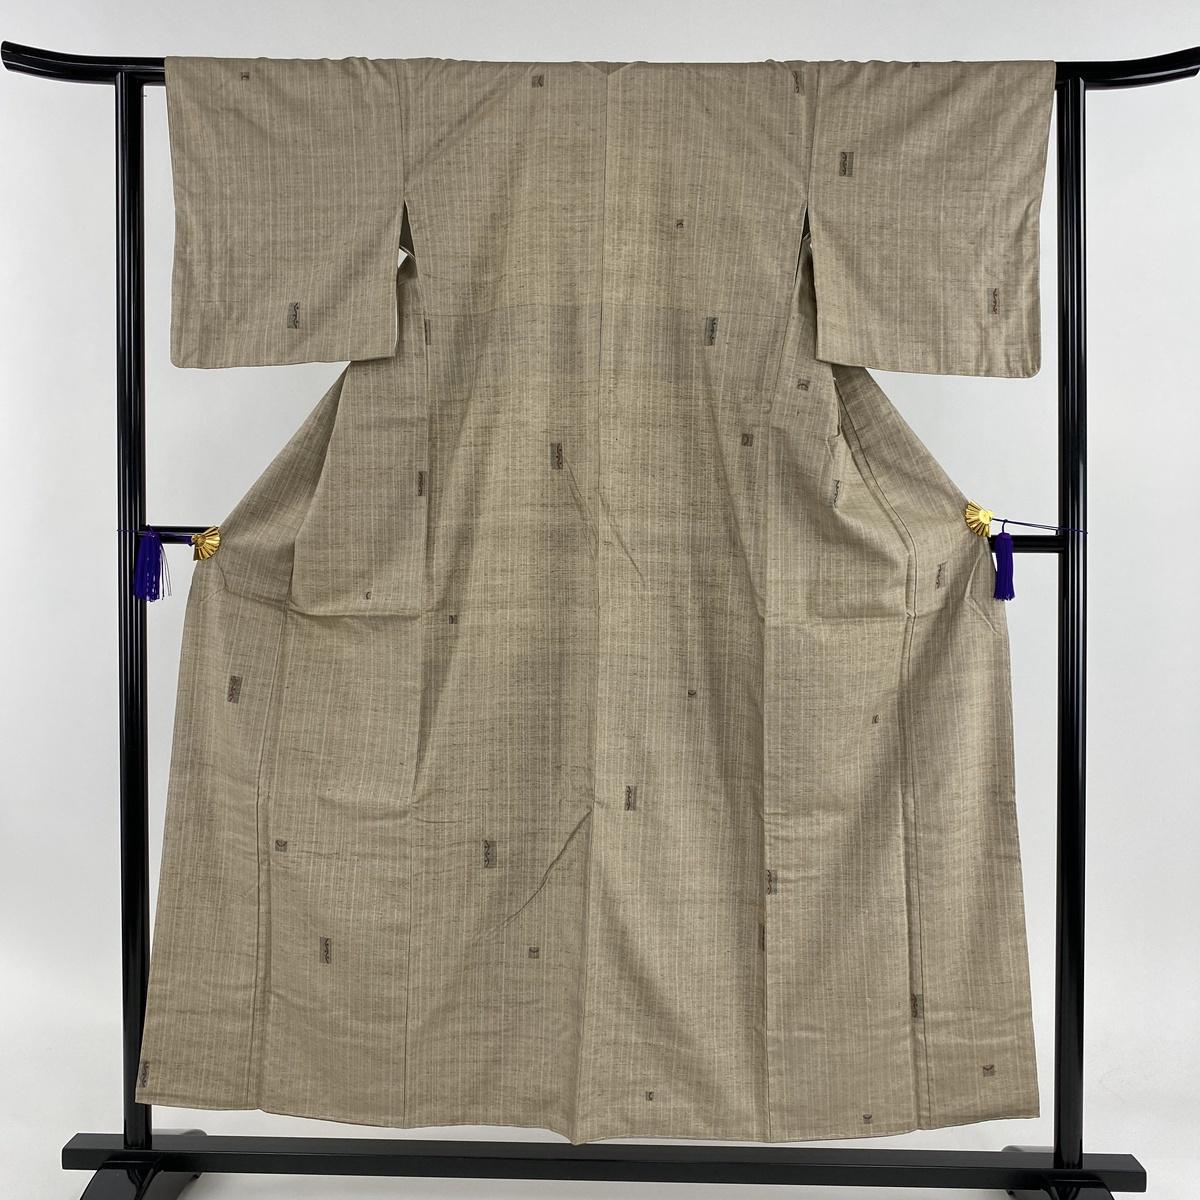 小紋 美品 秀品 紬地 縦縞 幾何学 刺繍 薄茶色 袷 身丈154cm 裄丈62cm S 正絹 【中古】